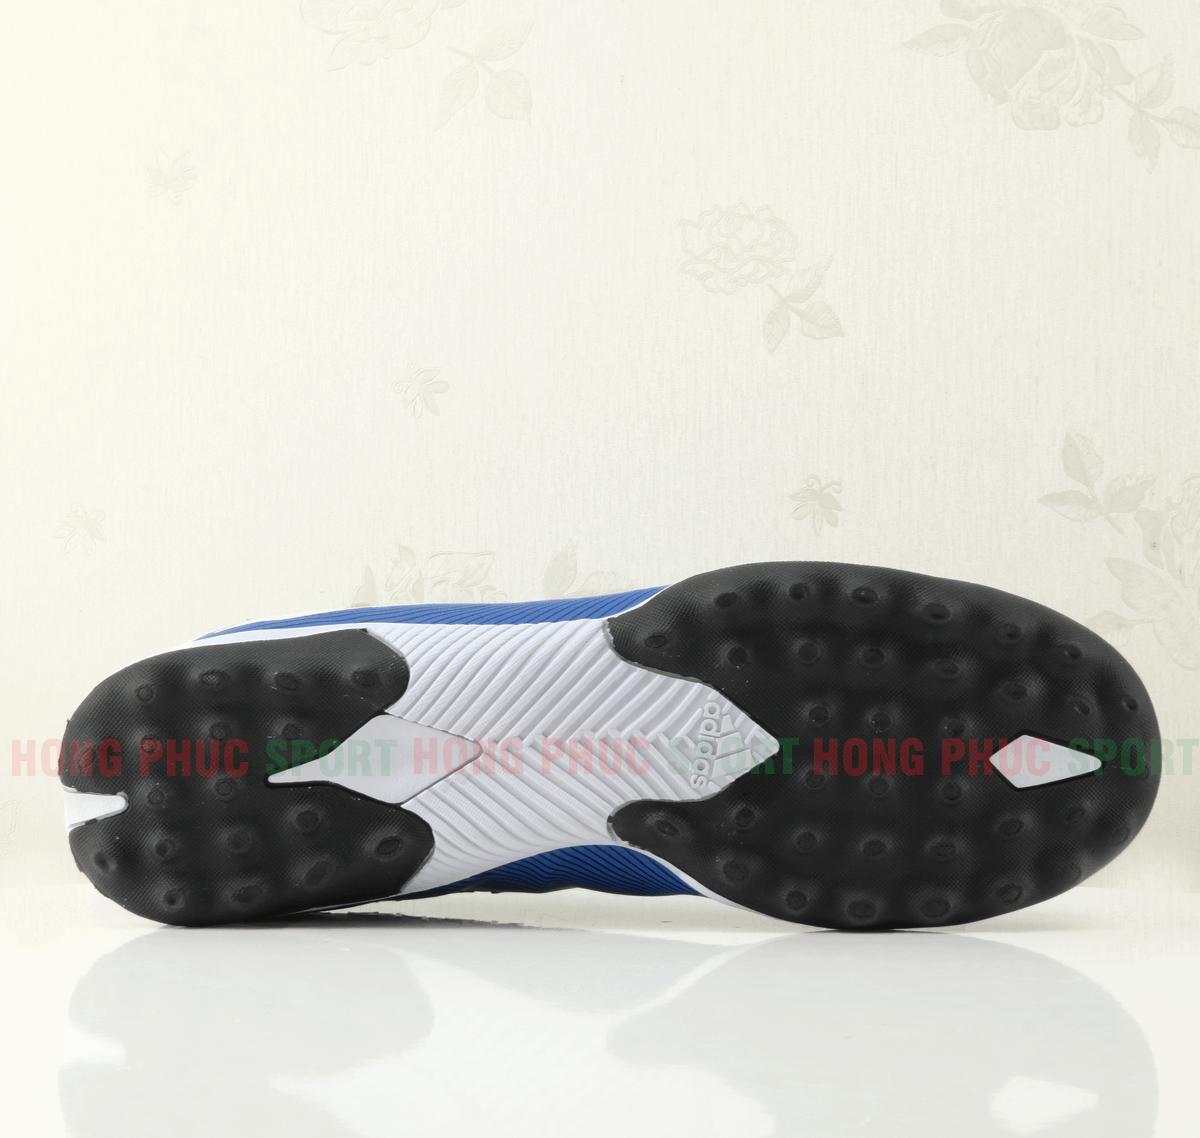 Giày bóng đá Nemeziz 19.3 màu xanh đế TF cao su